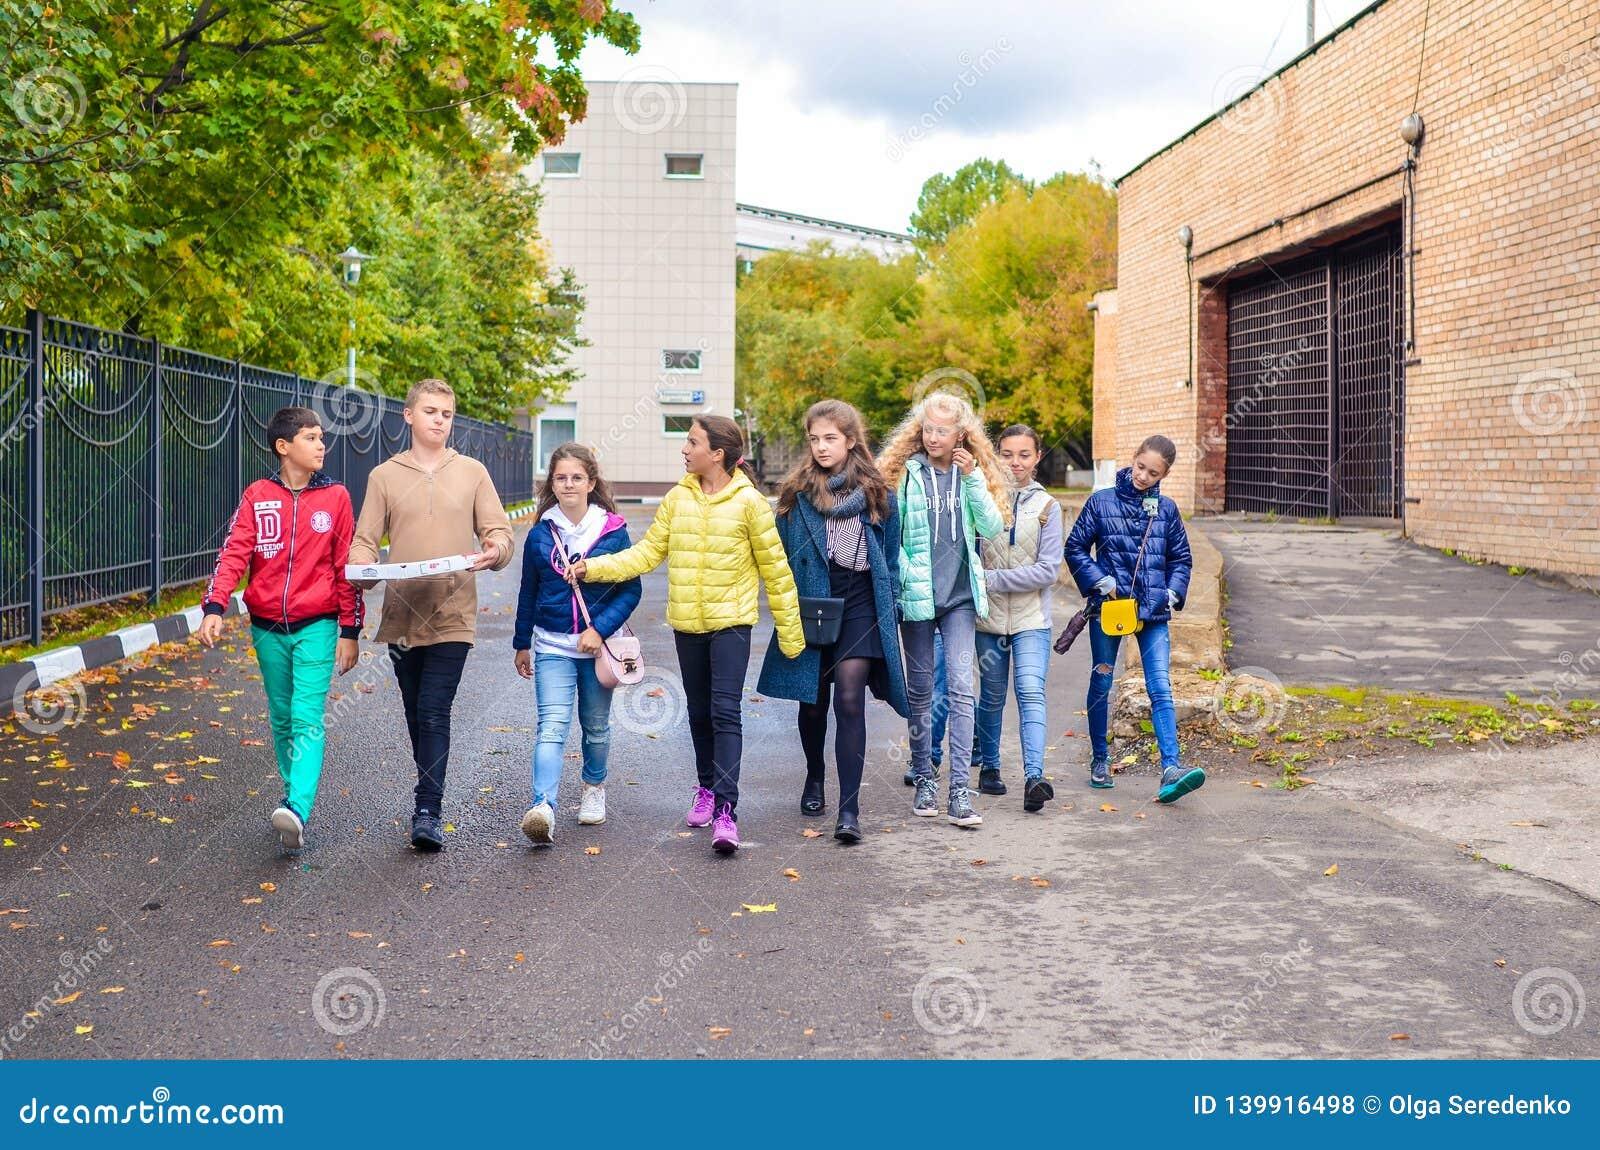 Moskau, Russland, am 23. September 2018 Gruppe Jungen und Mädchen, die hinunter die Straße sprechen und gehen